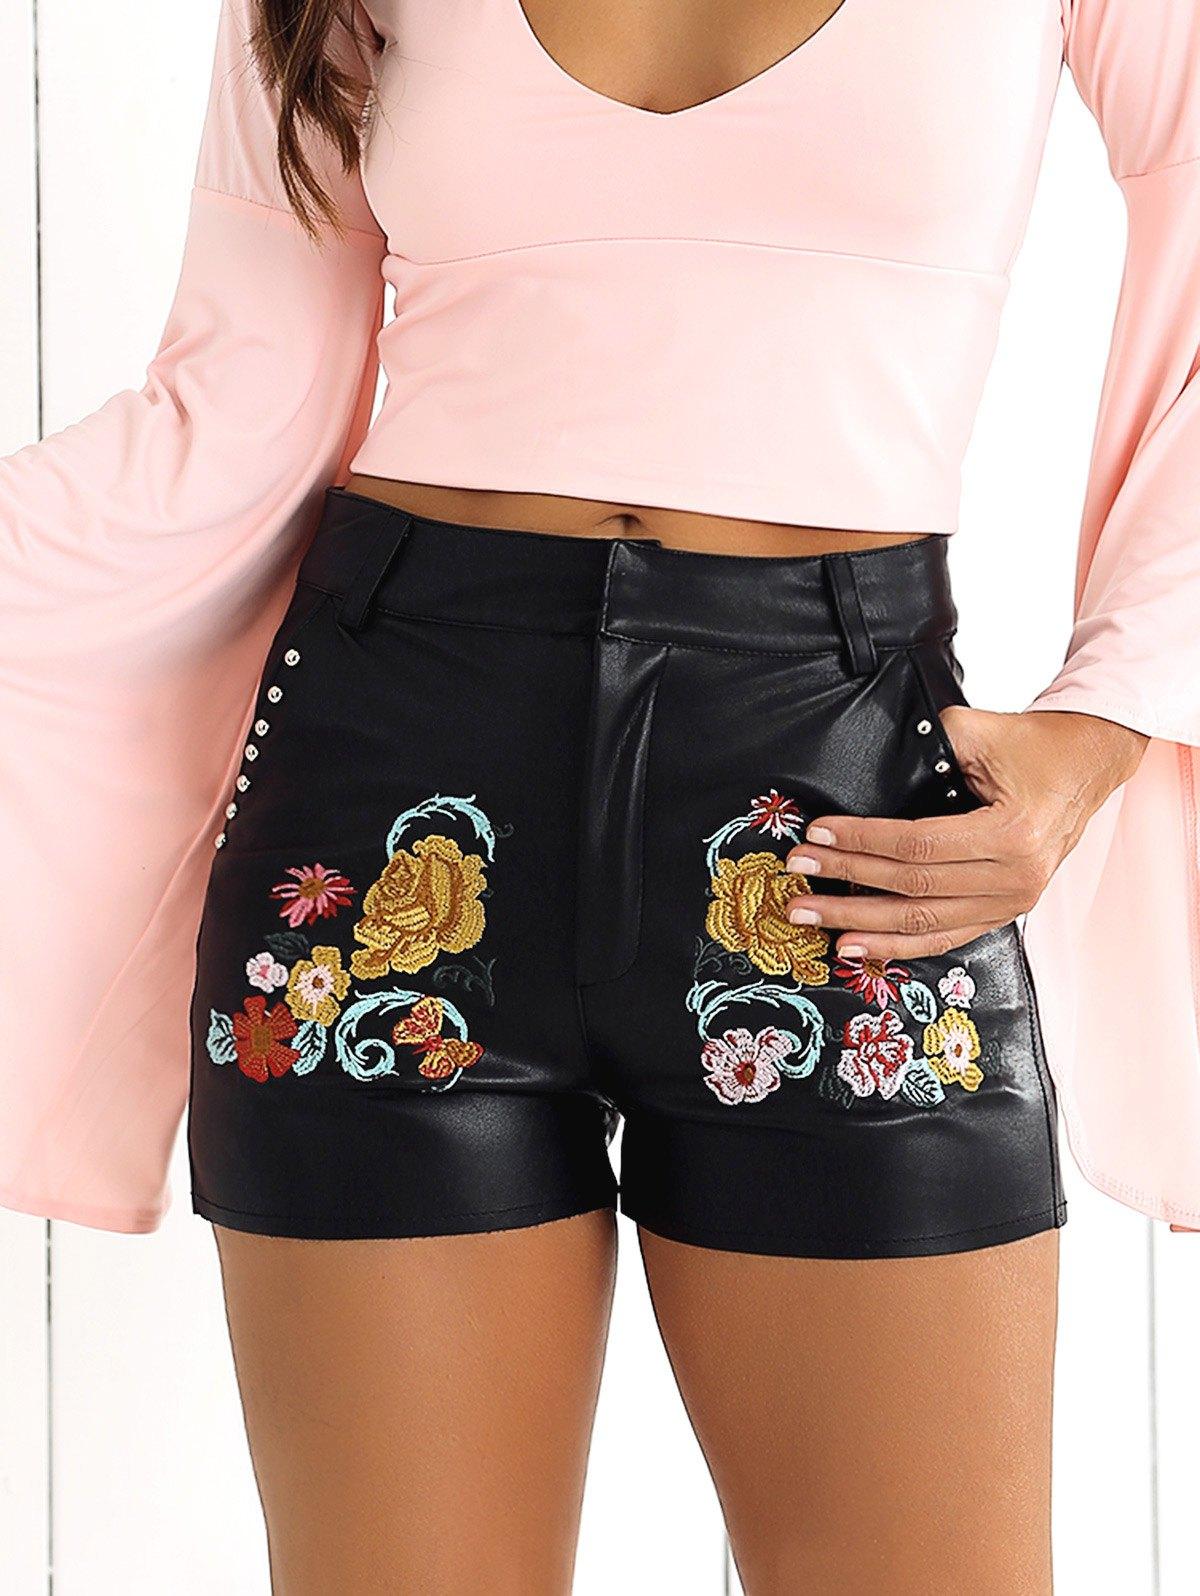 Pantaloni scurți de damă,  sexy, cu model floral